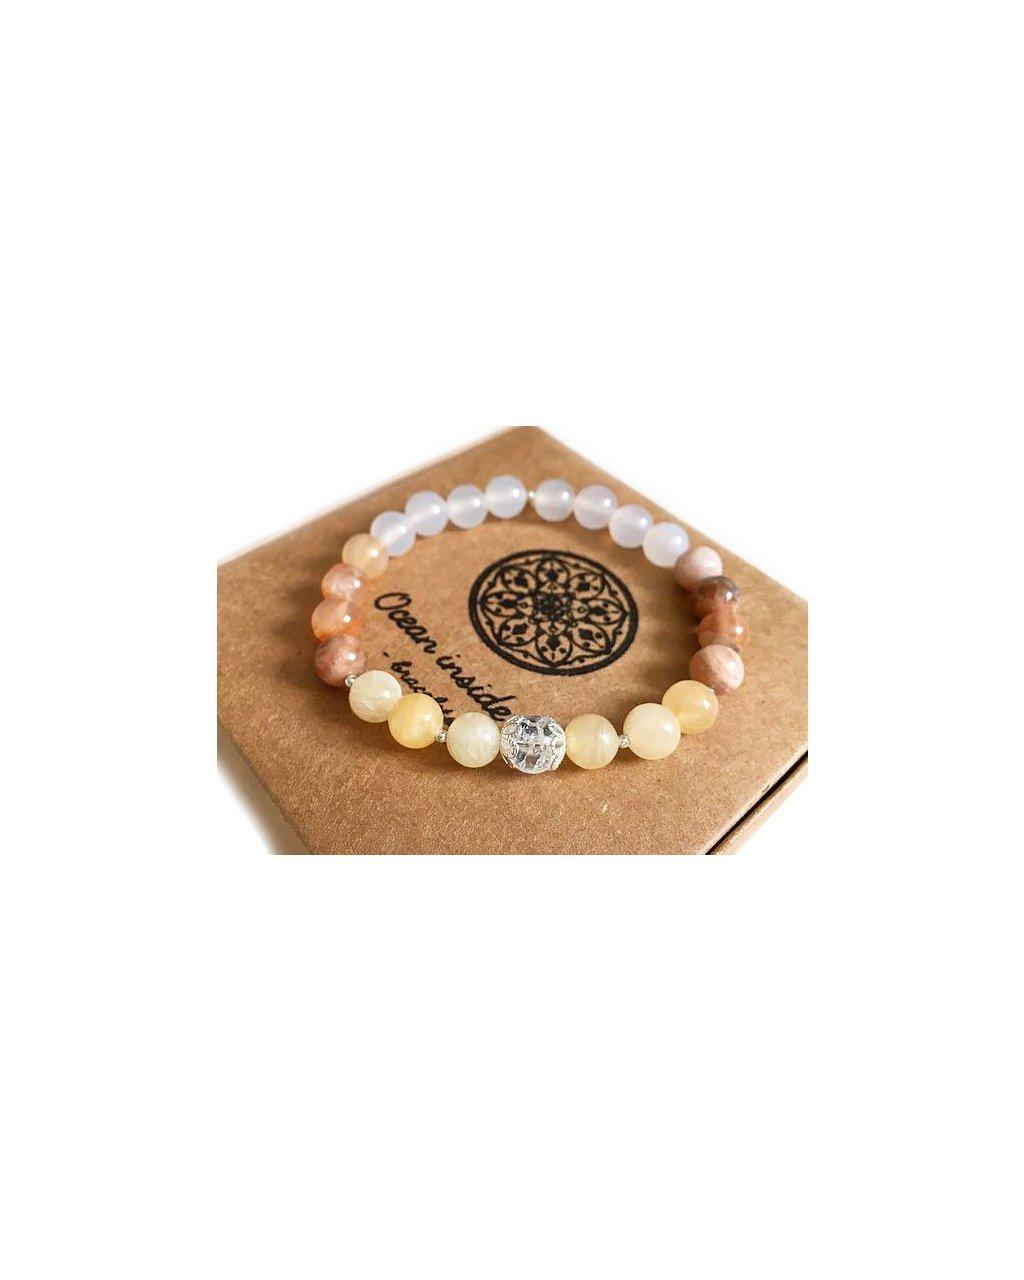 Náramek z minerálu sluneční kámen a blištivá perlička praskaného křišťálu